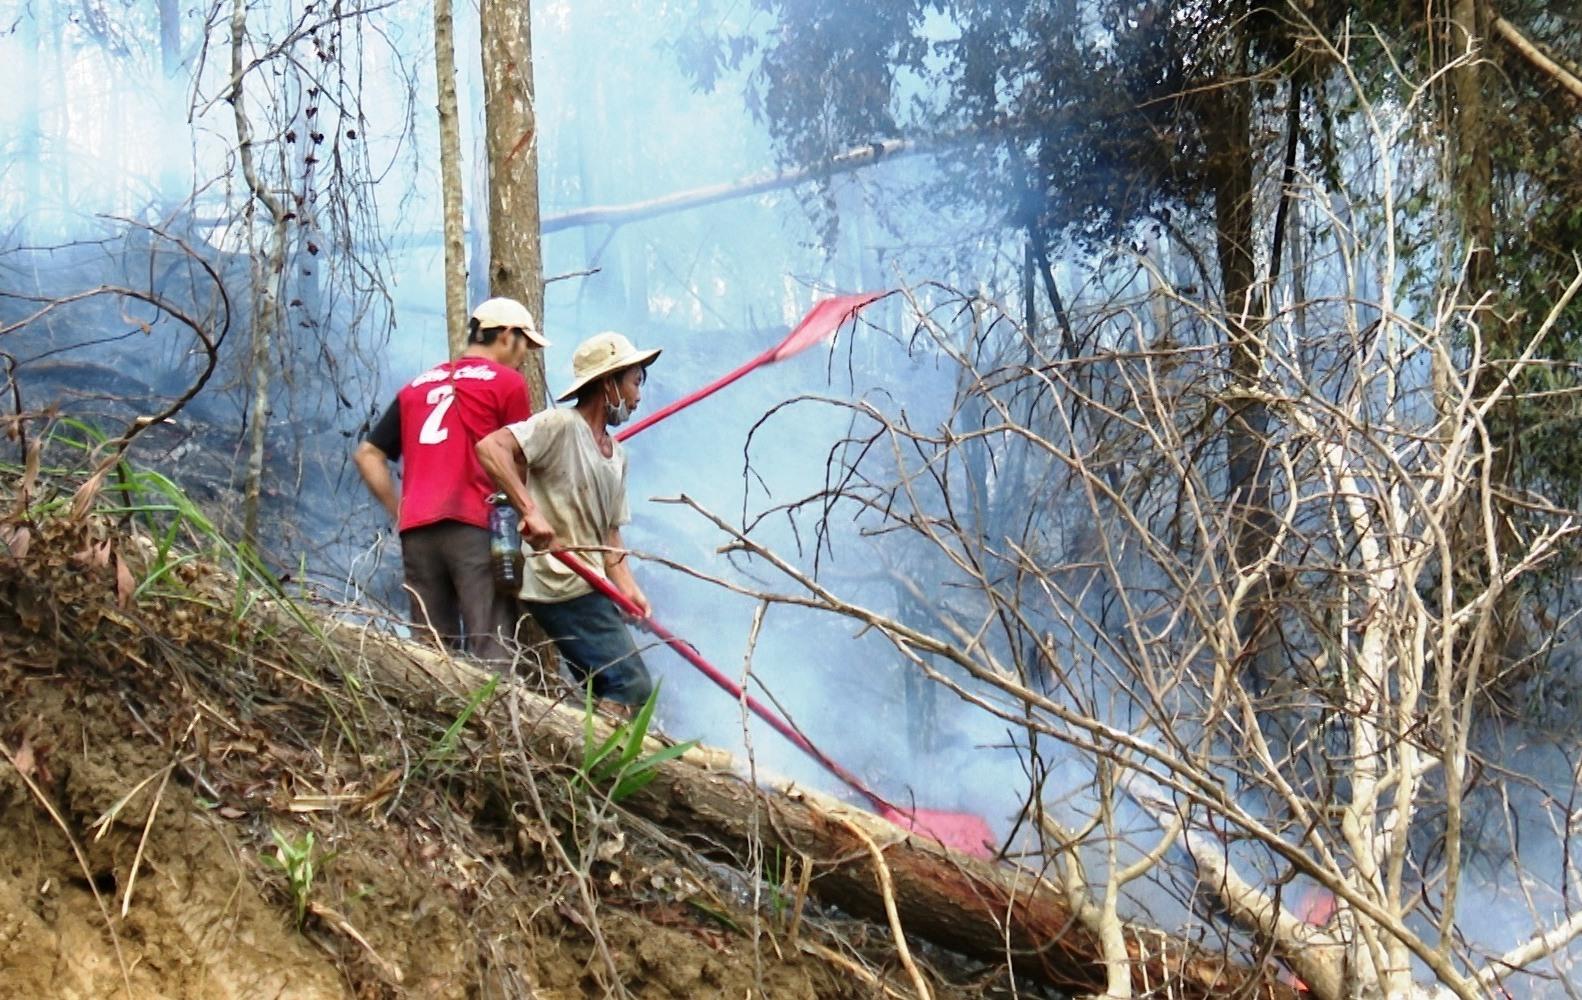 Vụ cháy rừng tại vùng giáp ranh 3 xã Tiên Châu, Tiên cẩm, Tiên Hà